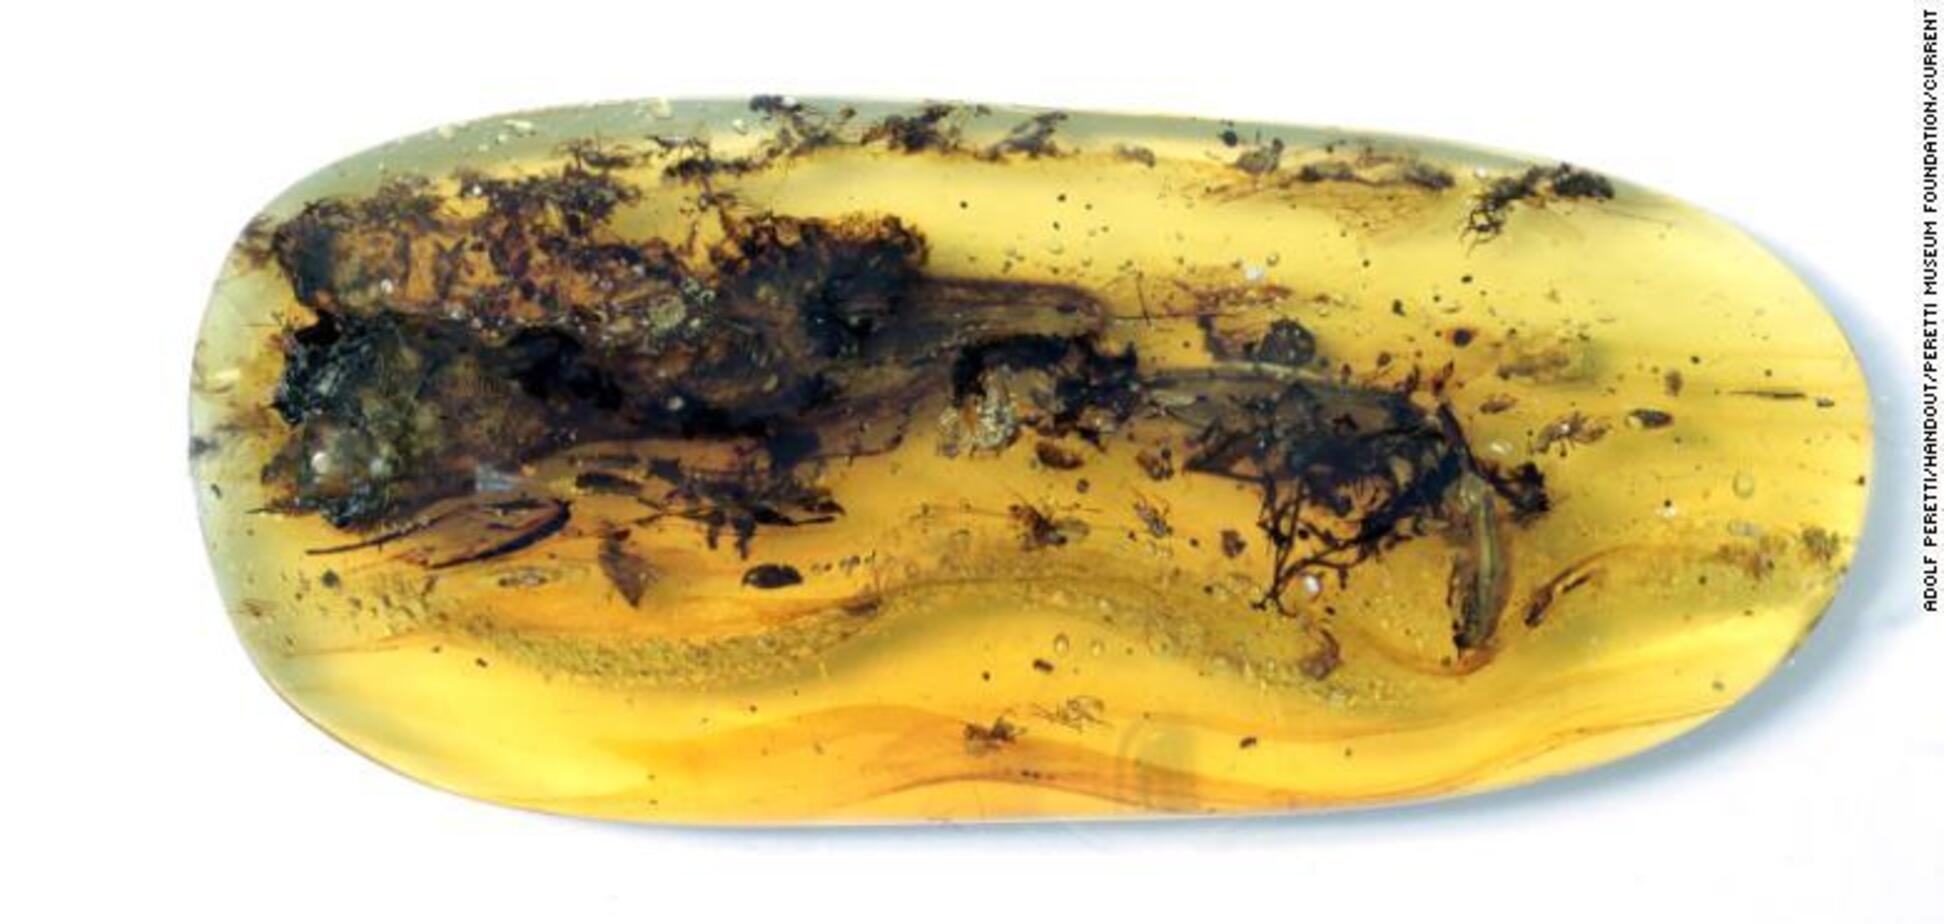 Череп 'самого маленького динозавра', найденного в янтаре, оказался останками уникальной ящерицы